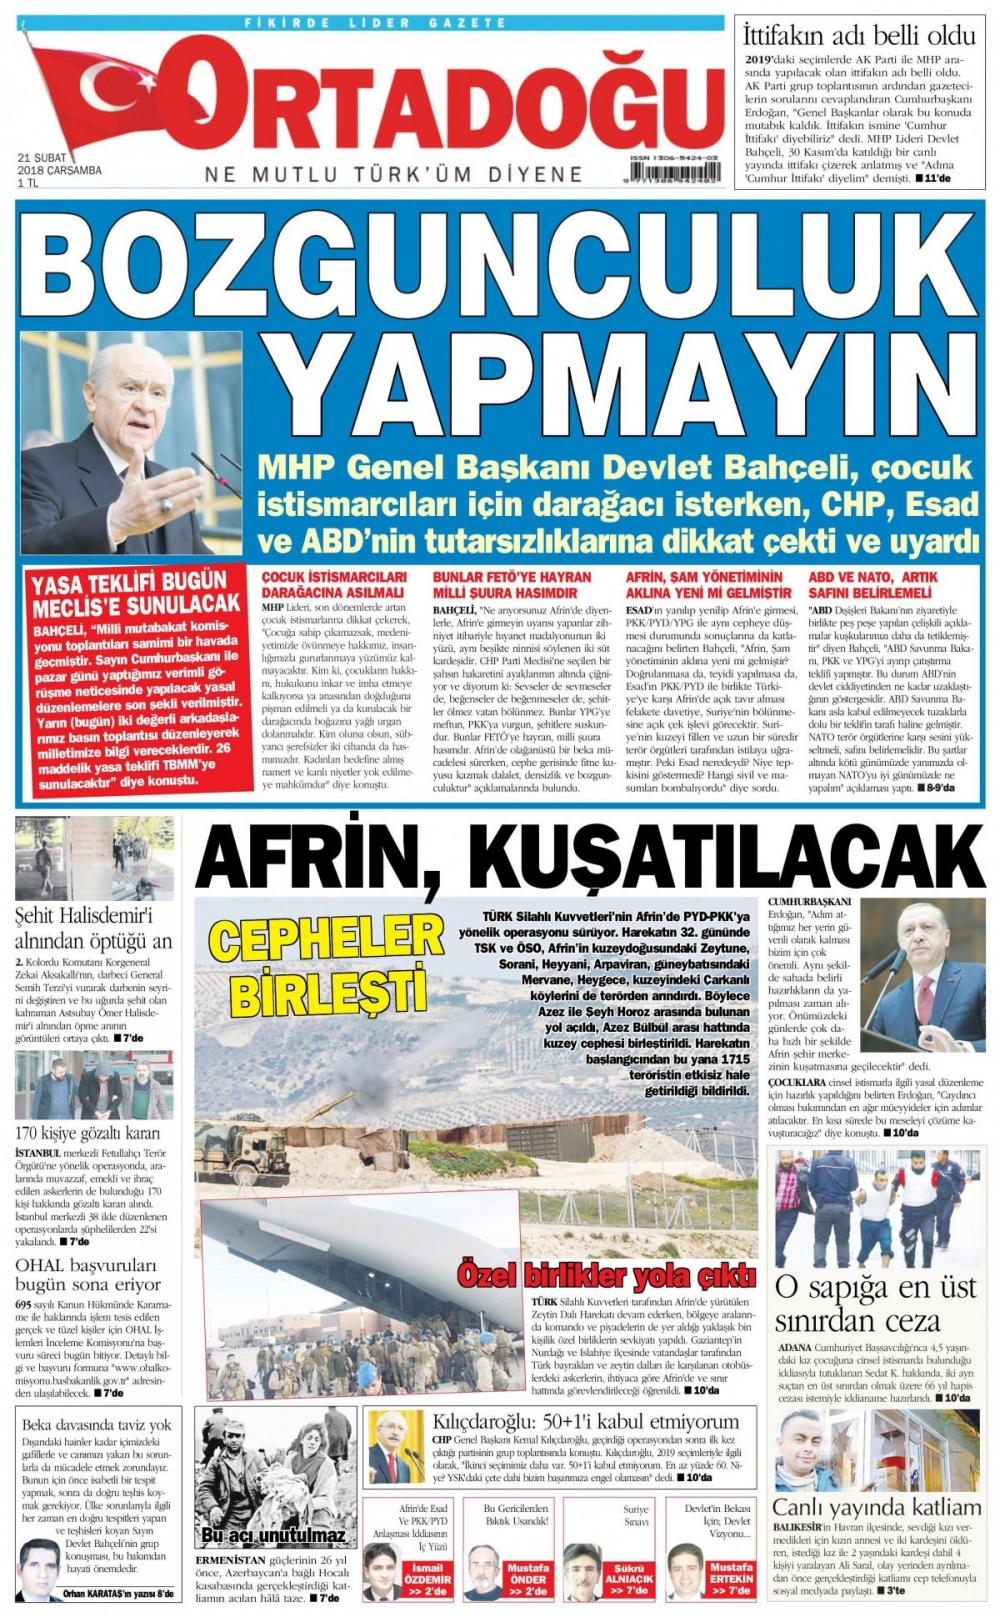 Günün gazete manşetleri (21 Şubat 2018) 14